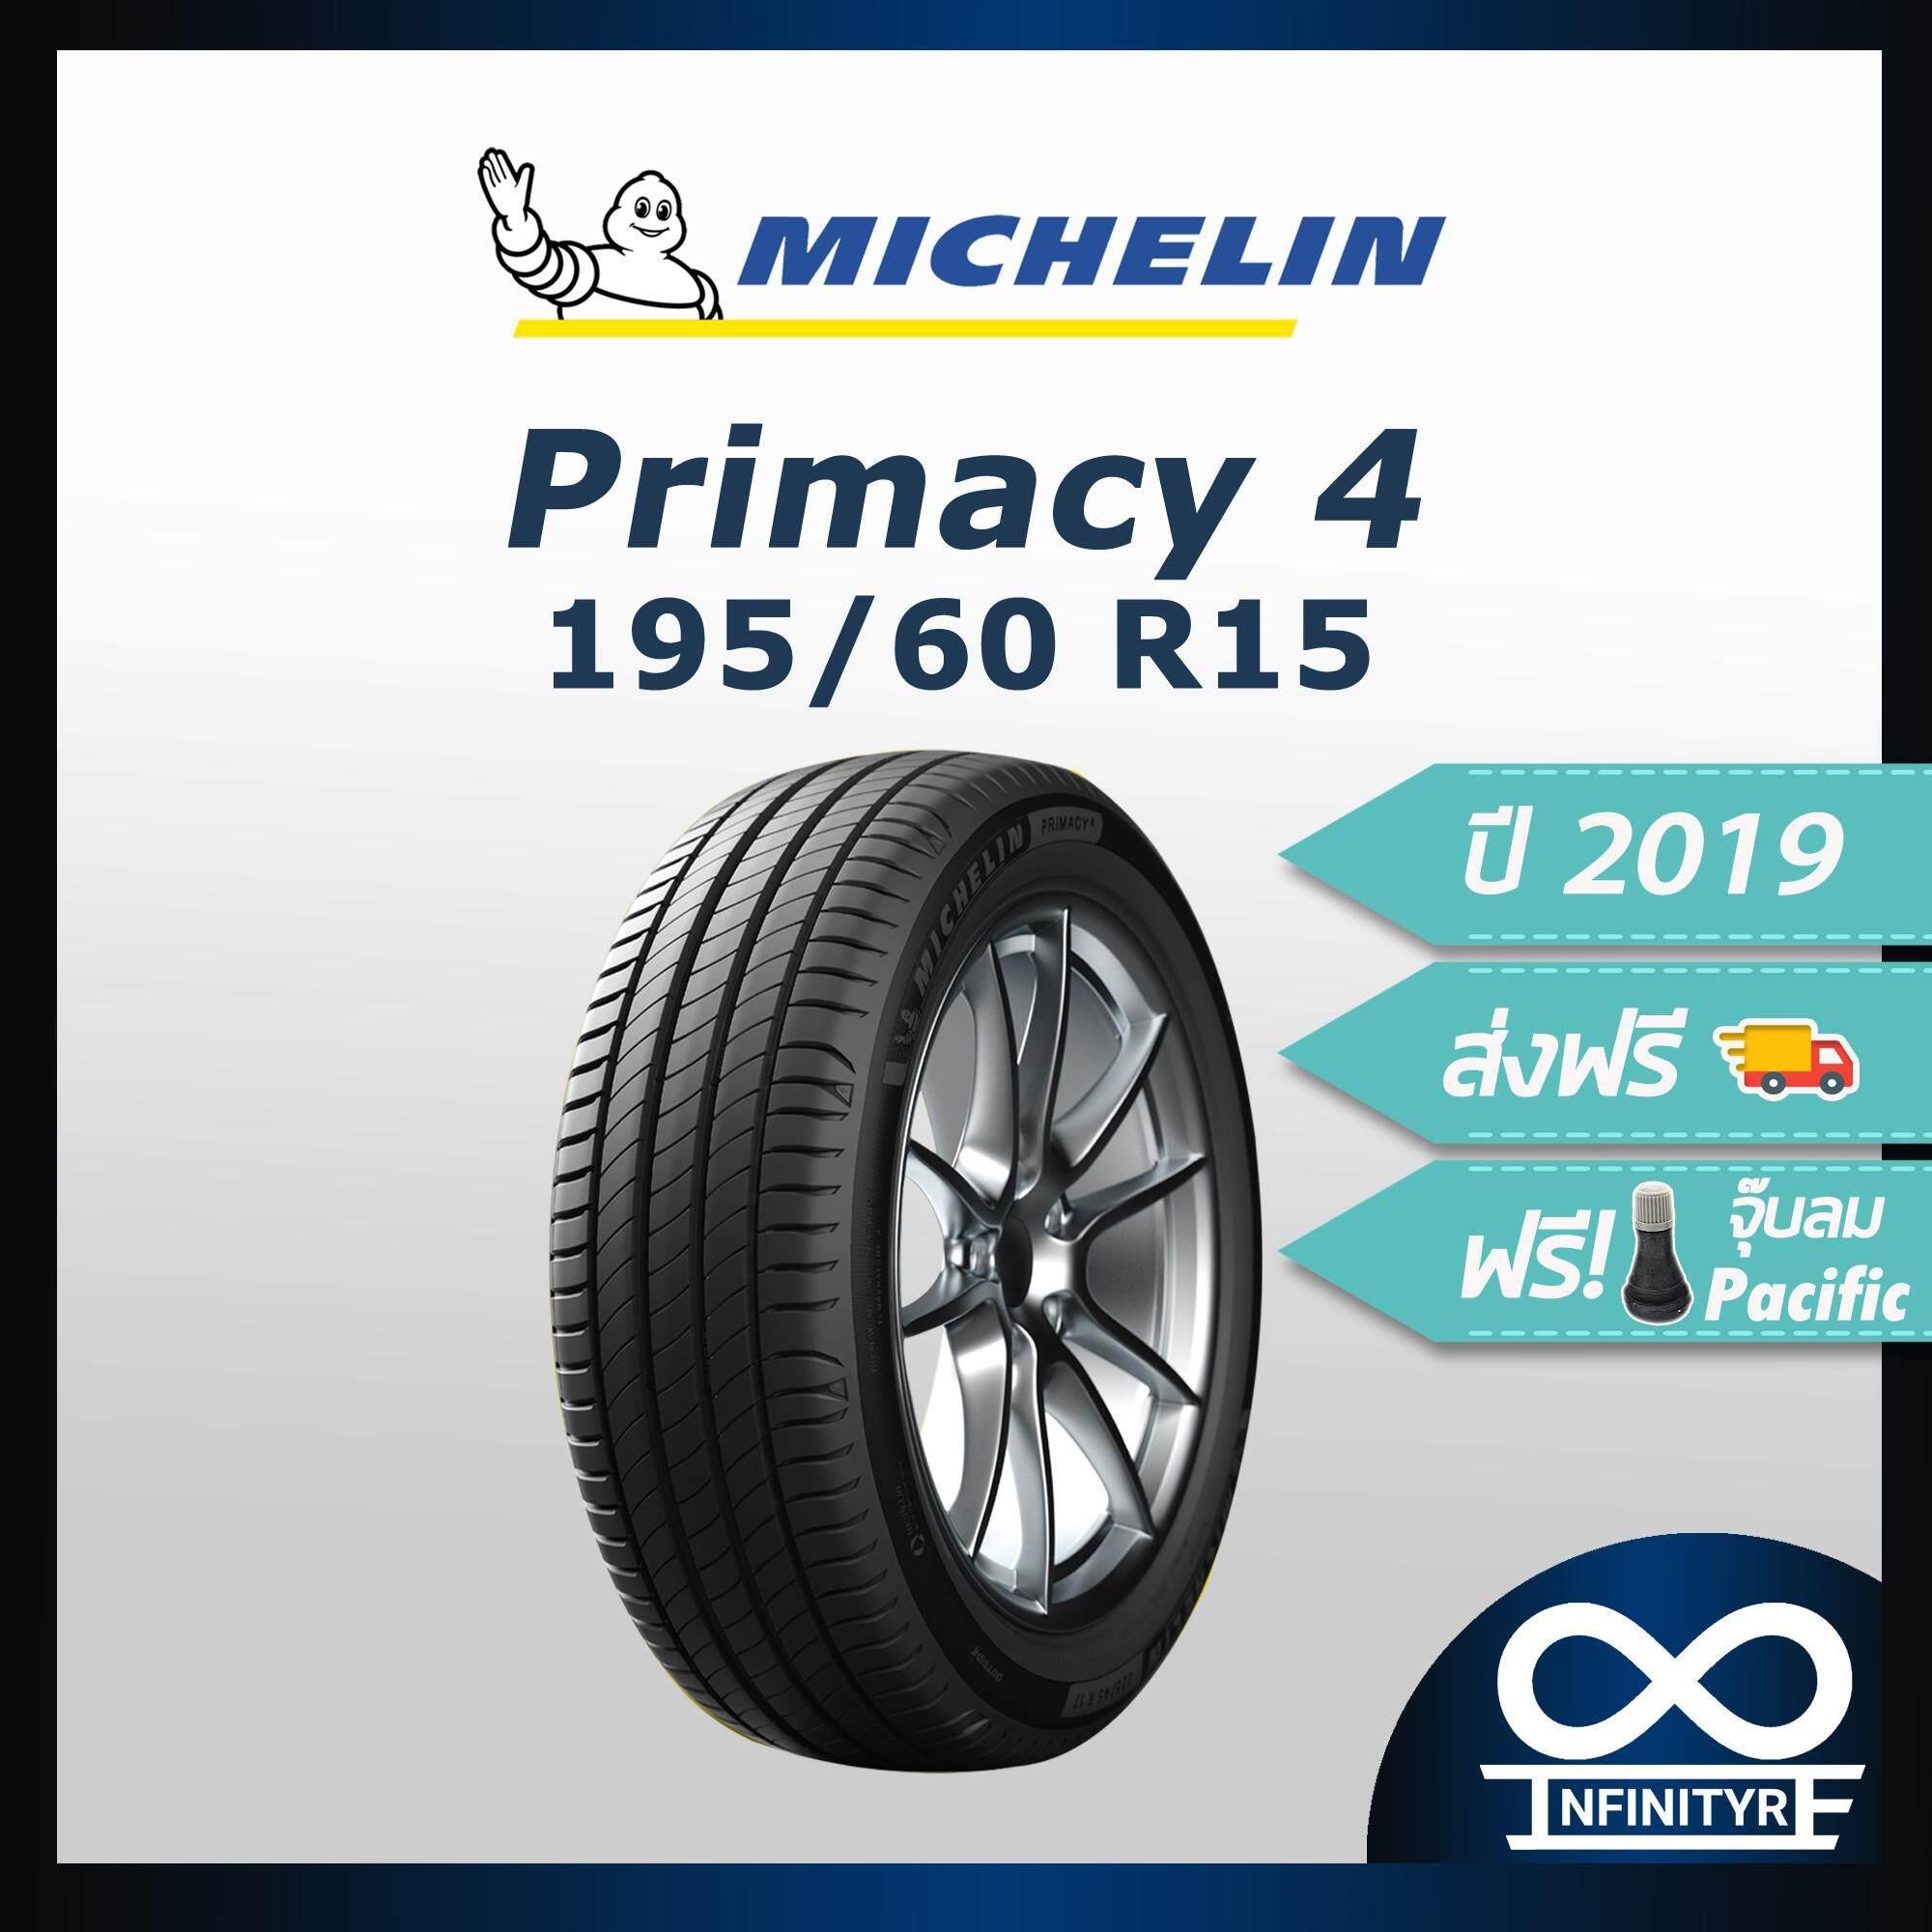 ประกันภัย รถยนต์ ชั้น 3 ราคา ถูก ขอนแก่น 195/60R15  Michelin รุ่น Primacy 4 (ปี2019) ฟรี! จุ๊บลมPacific เกรดพรีเมี่ยม